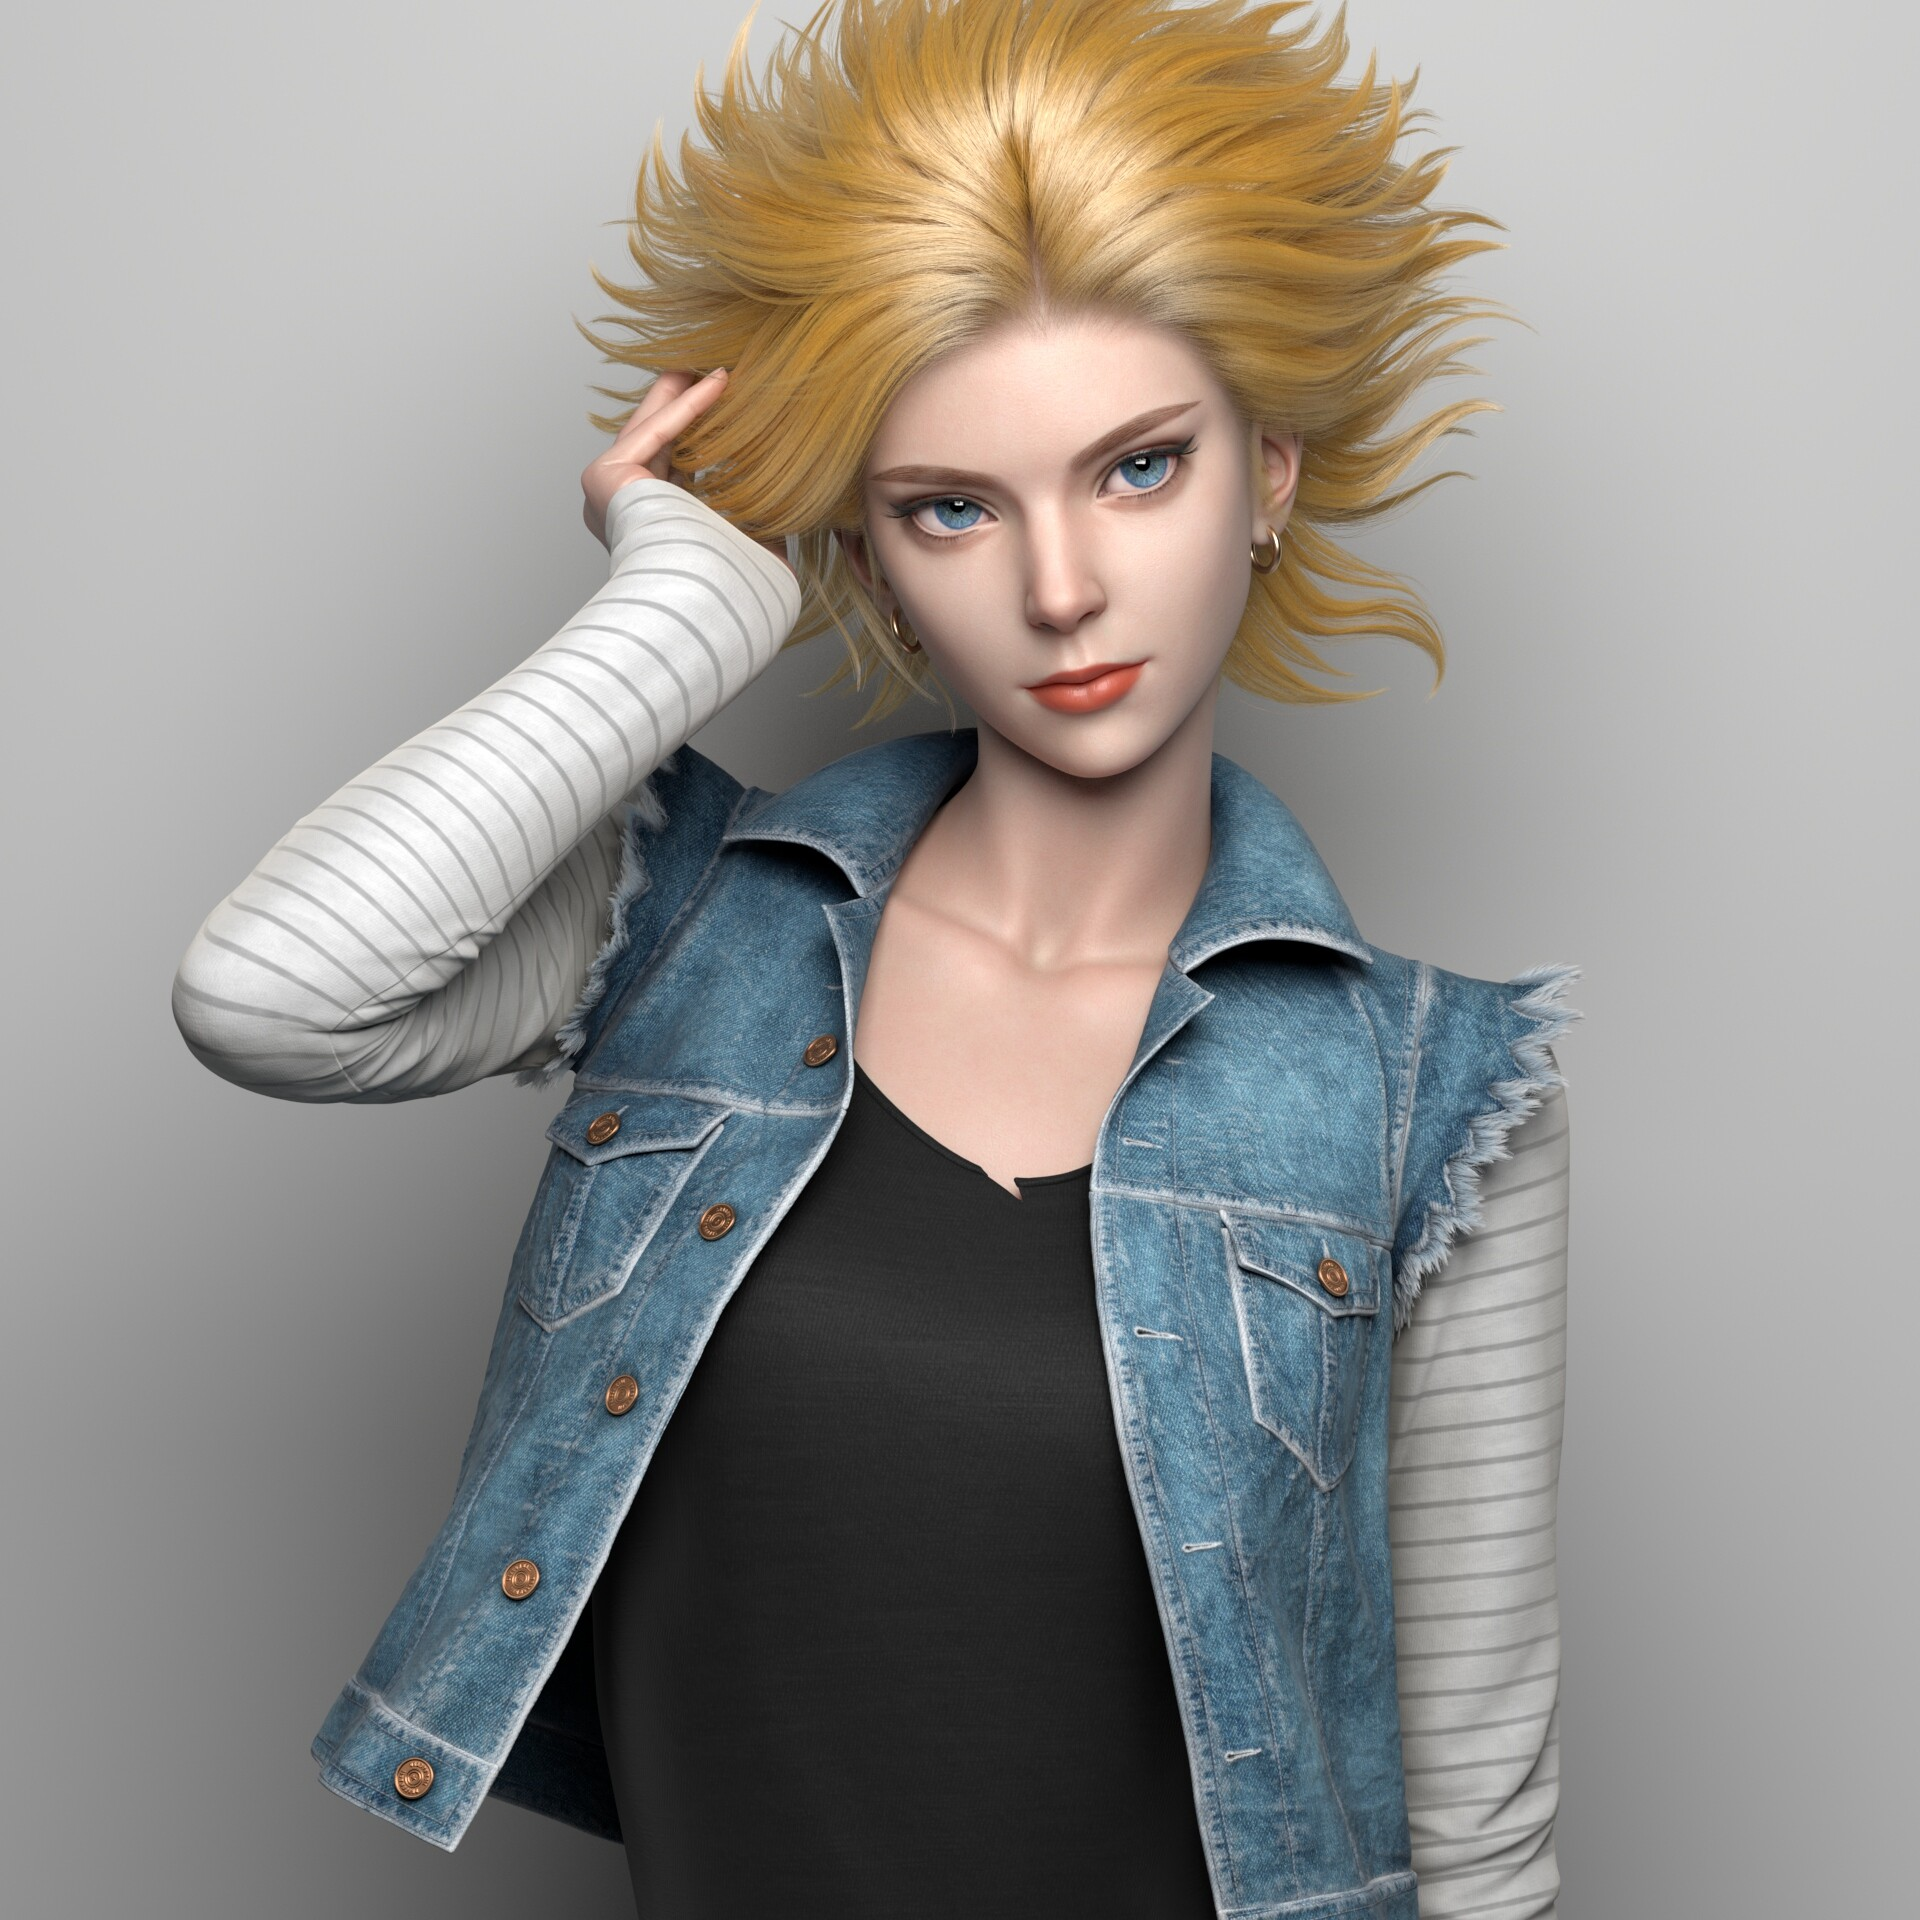 Dragon Ball: Fanart recrea a Androide 18 dándole un aspecto realista